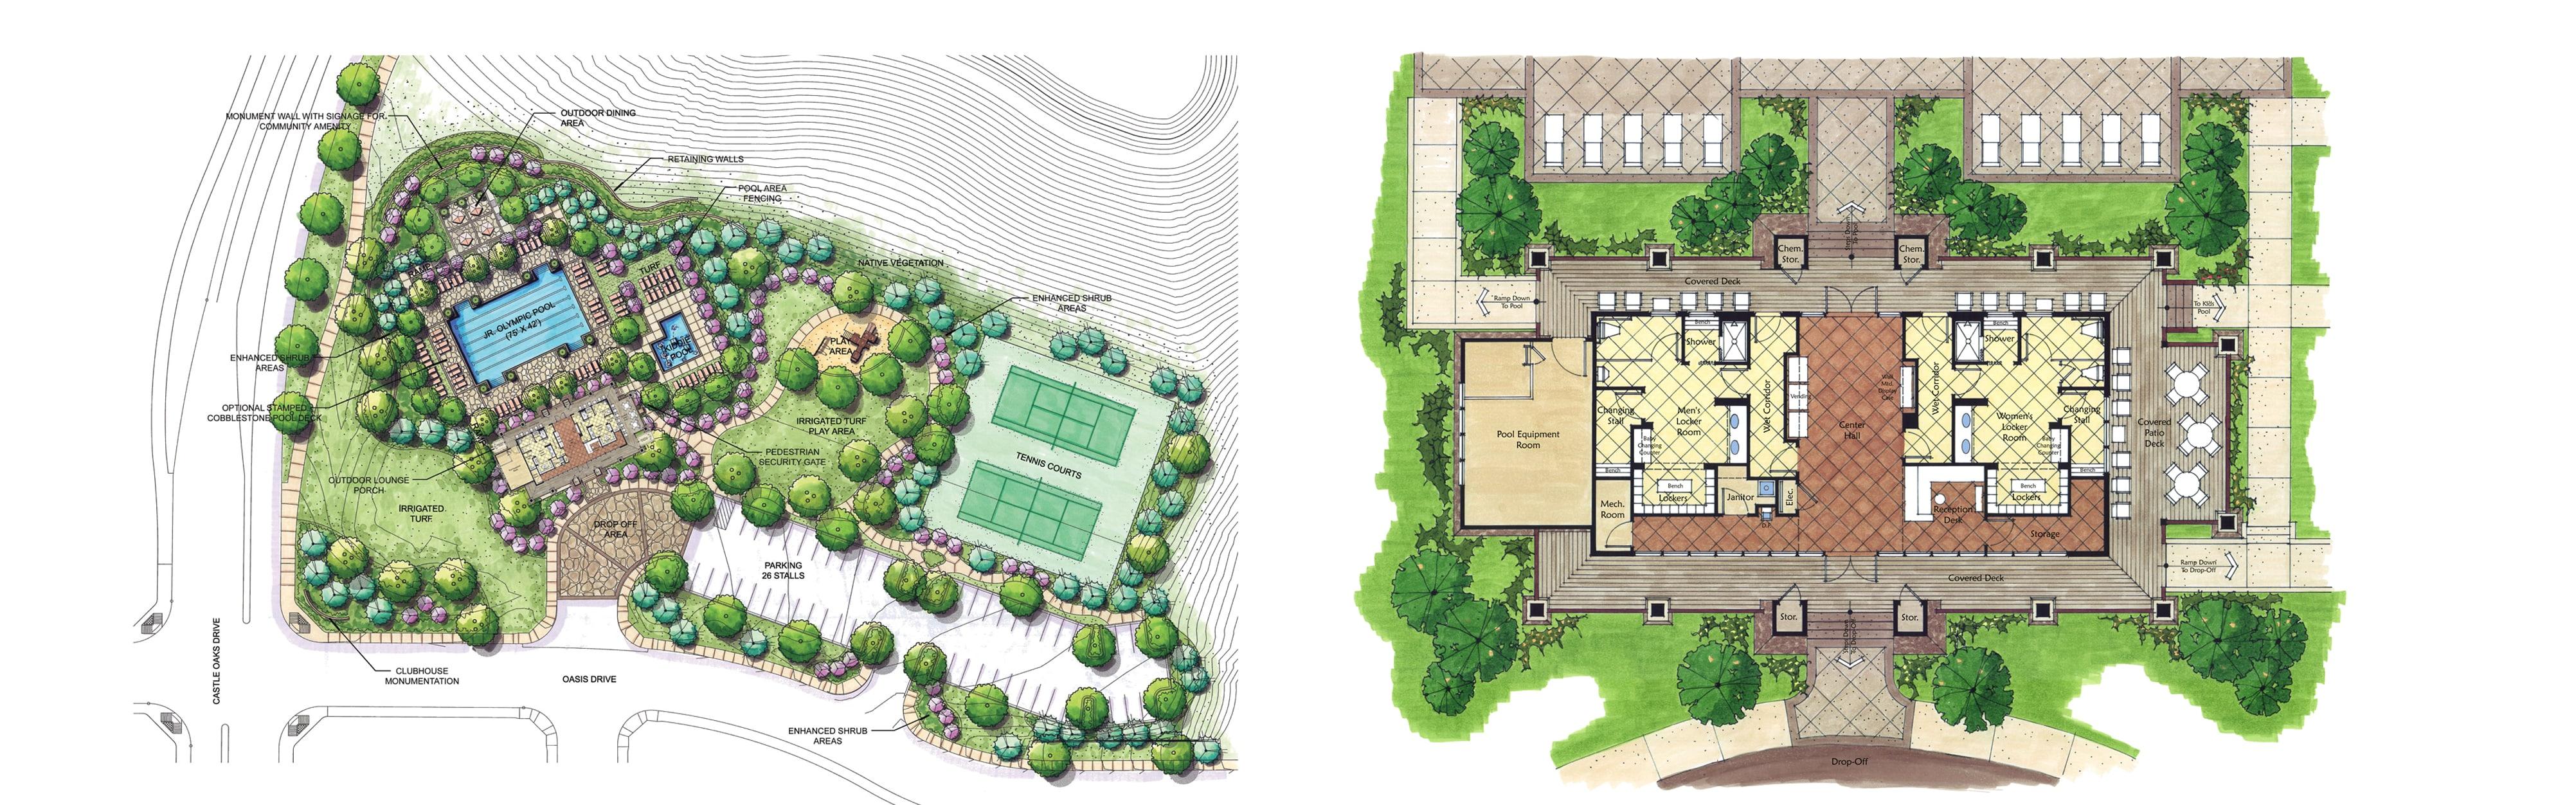 Denver House Plan Plans